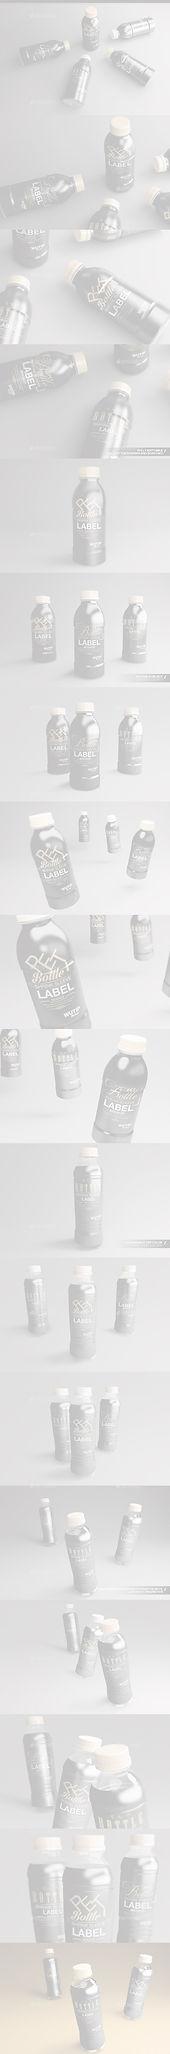 Tamper Proof Shrink sleeve labeling